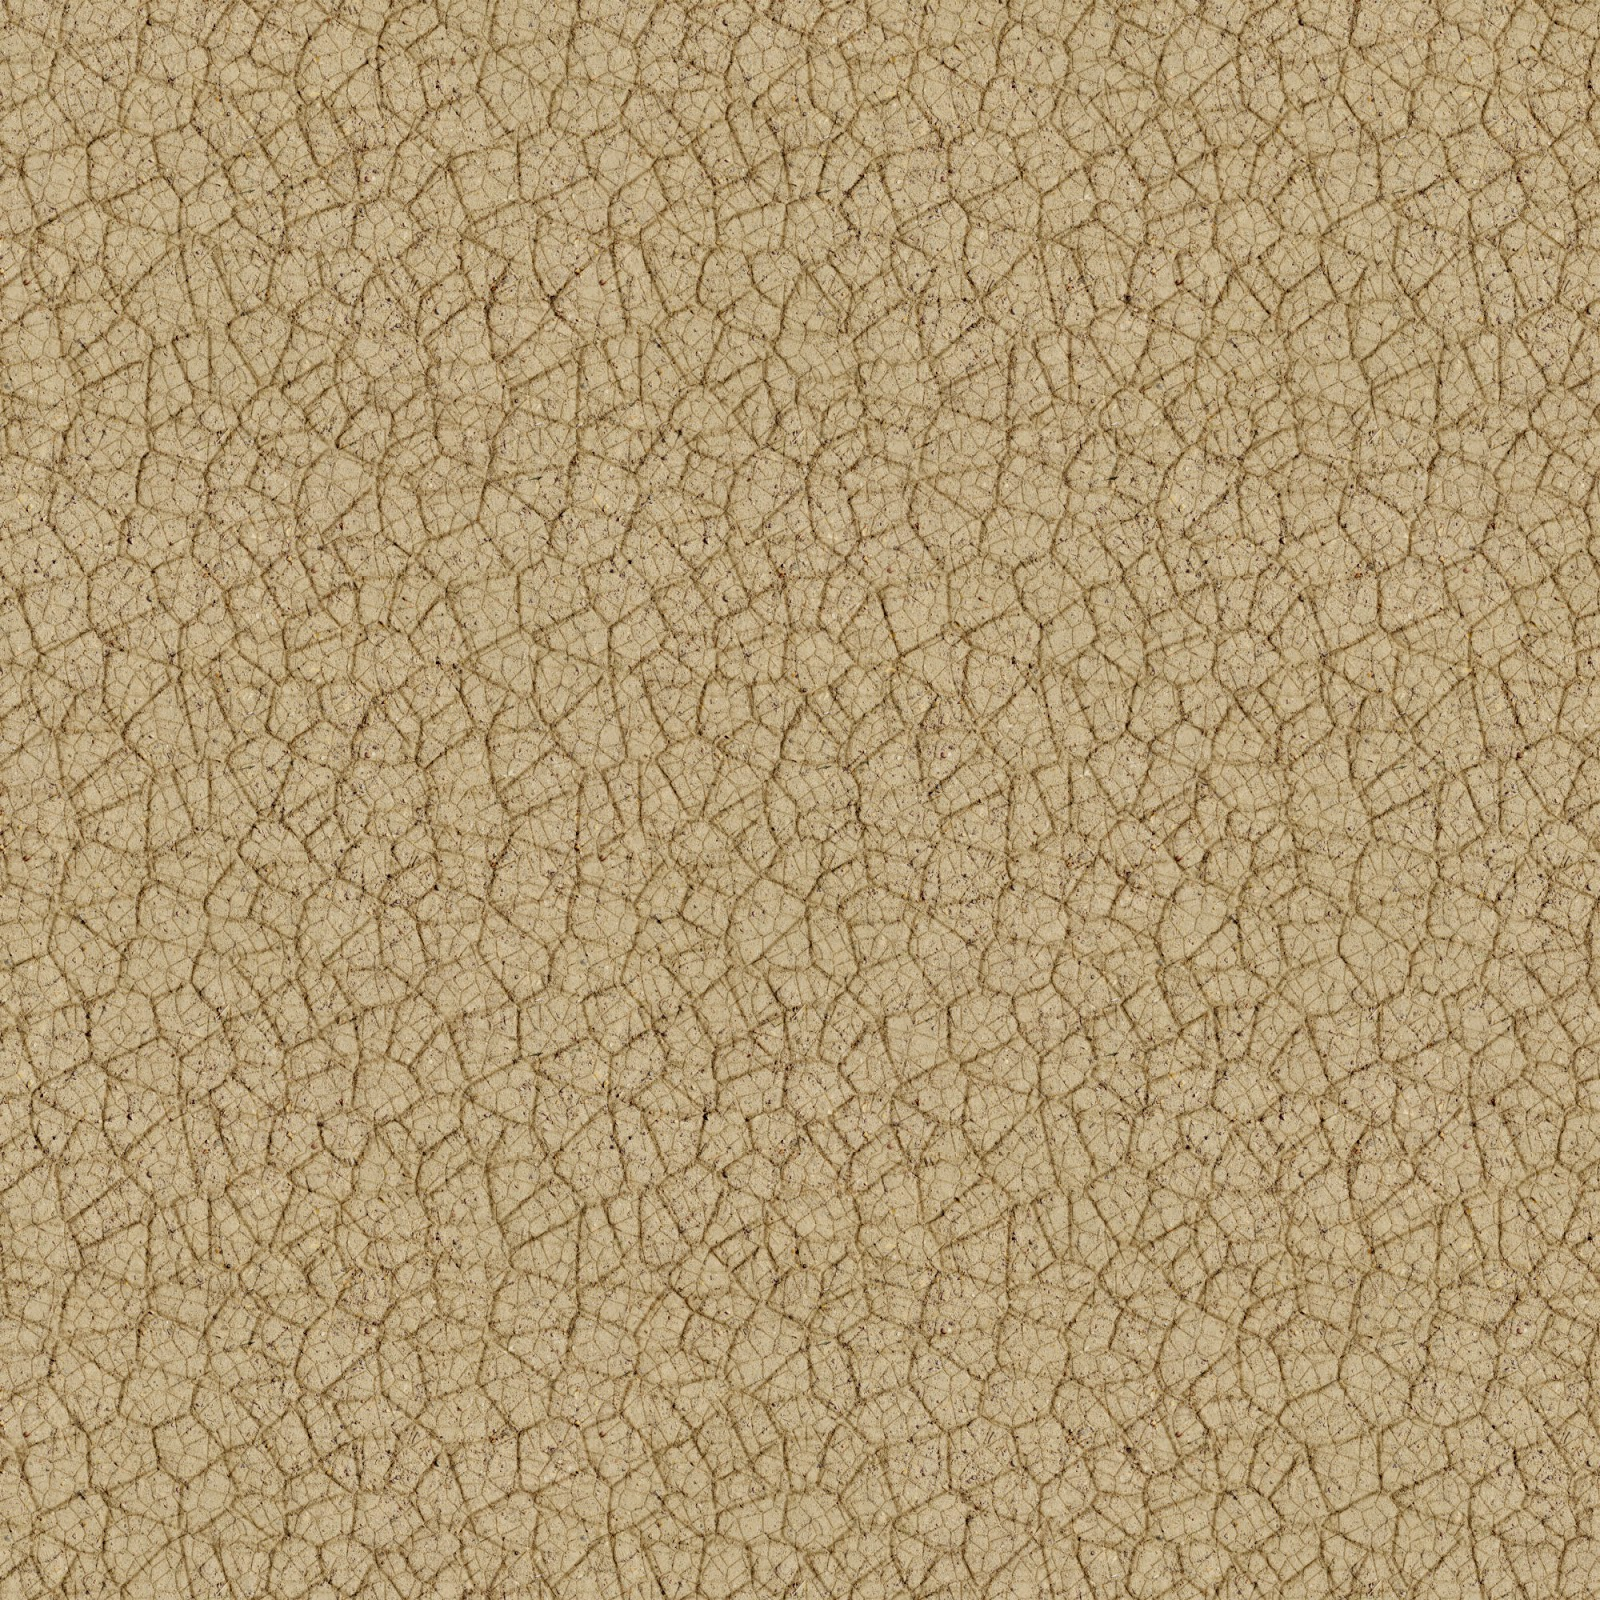 High Resolution Textures Ground